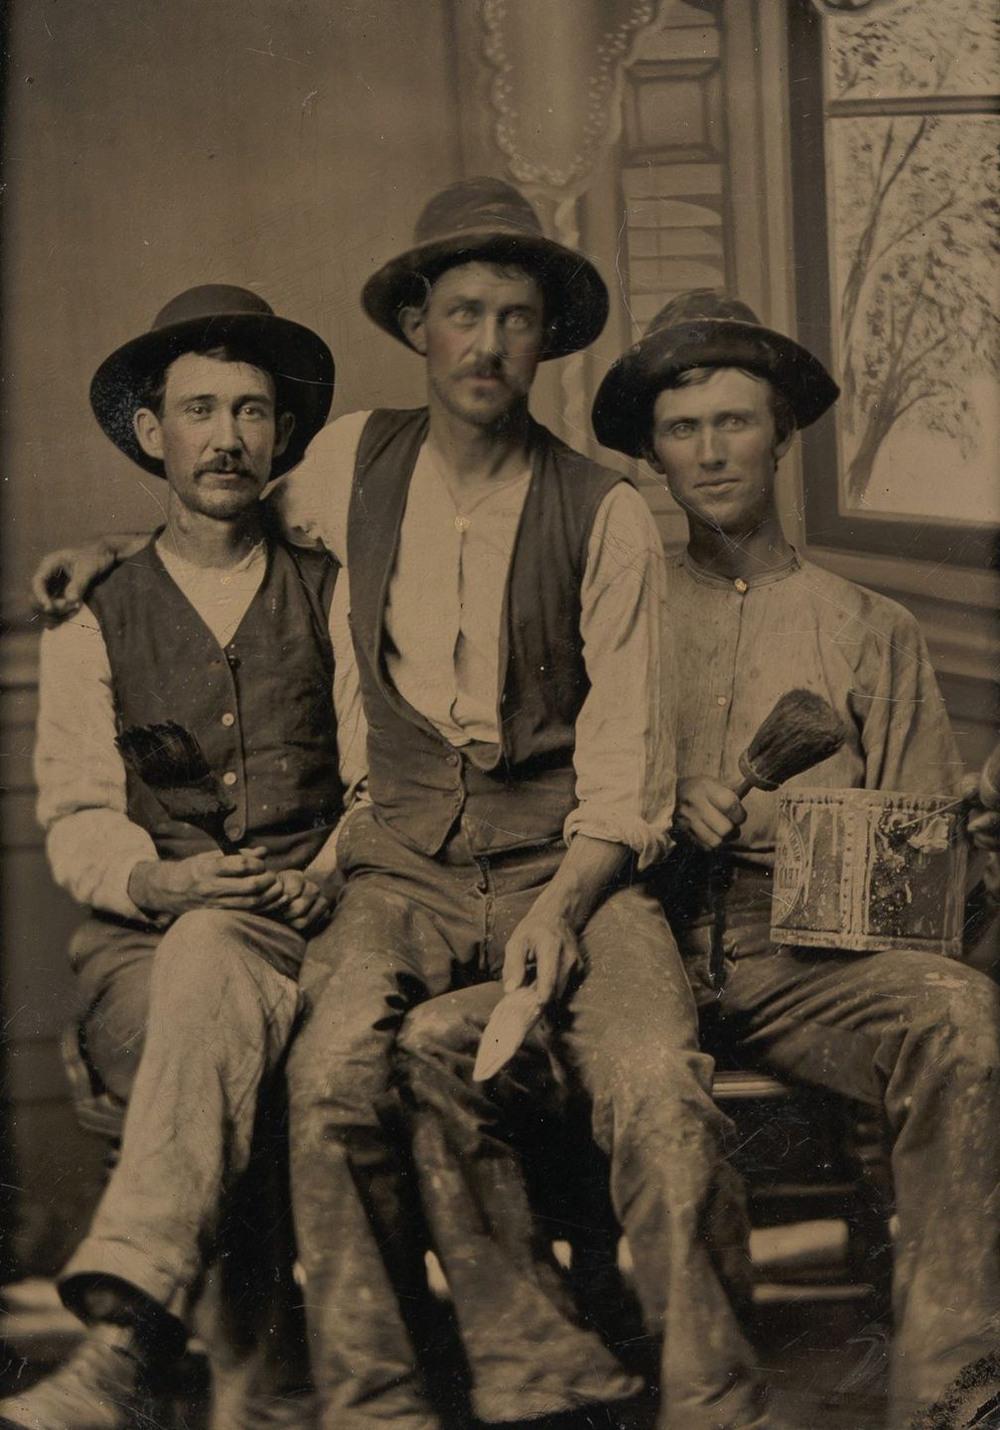 Броманс в викторианскую эпоху: интимные мужские объятия в редких фотографиях конца 1800-х годов  13